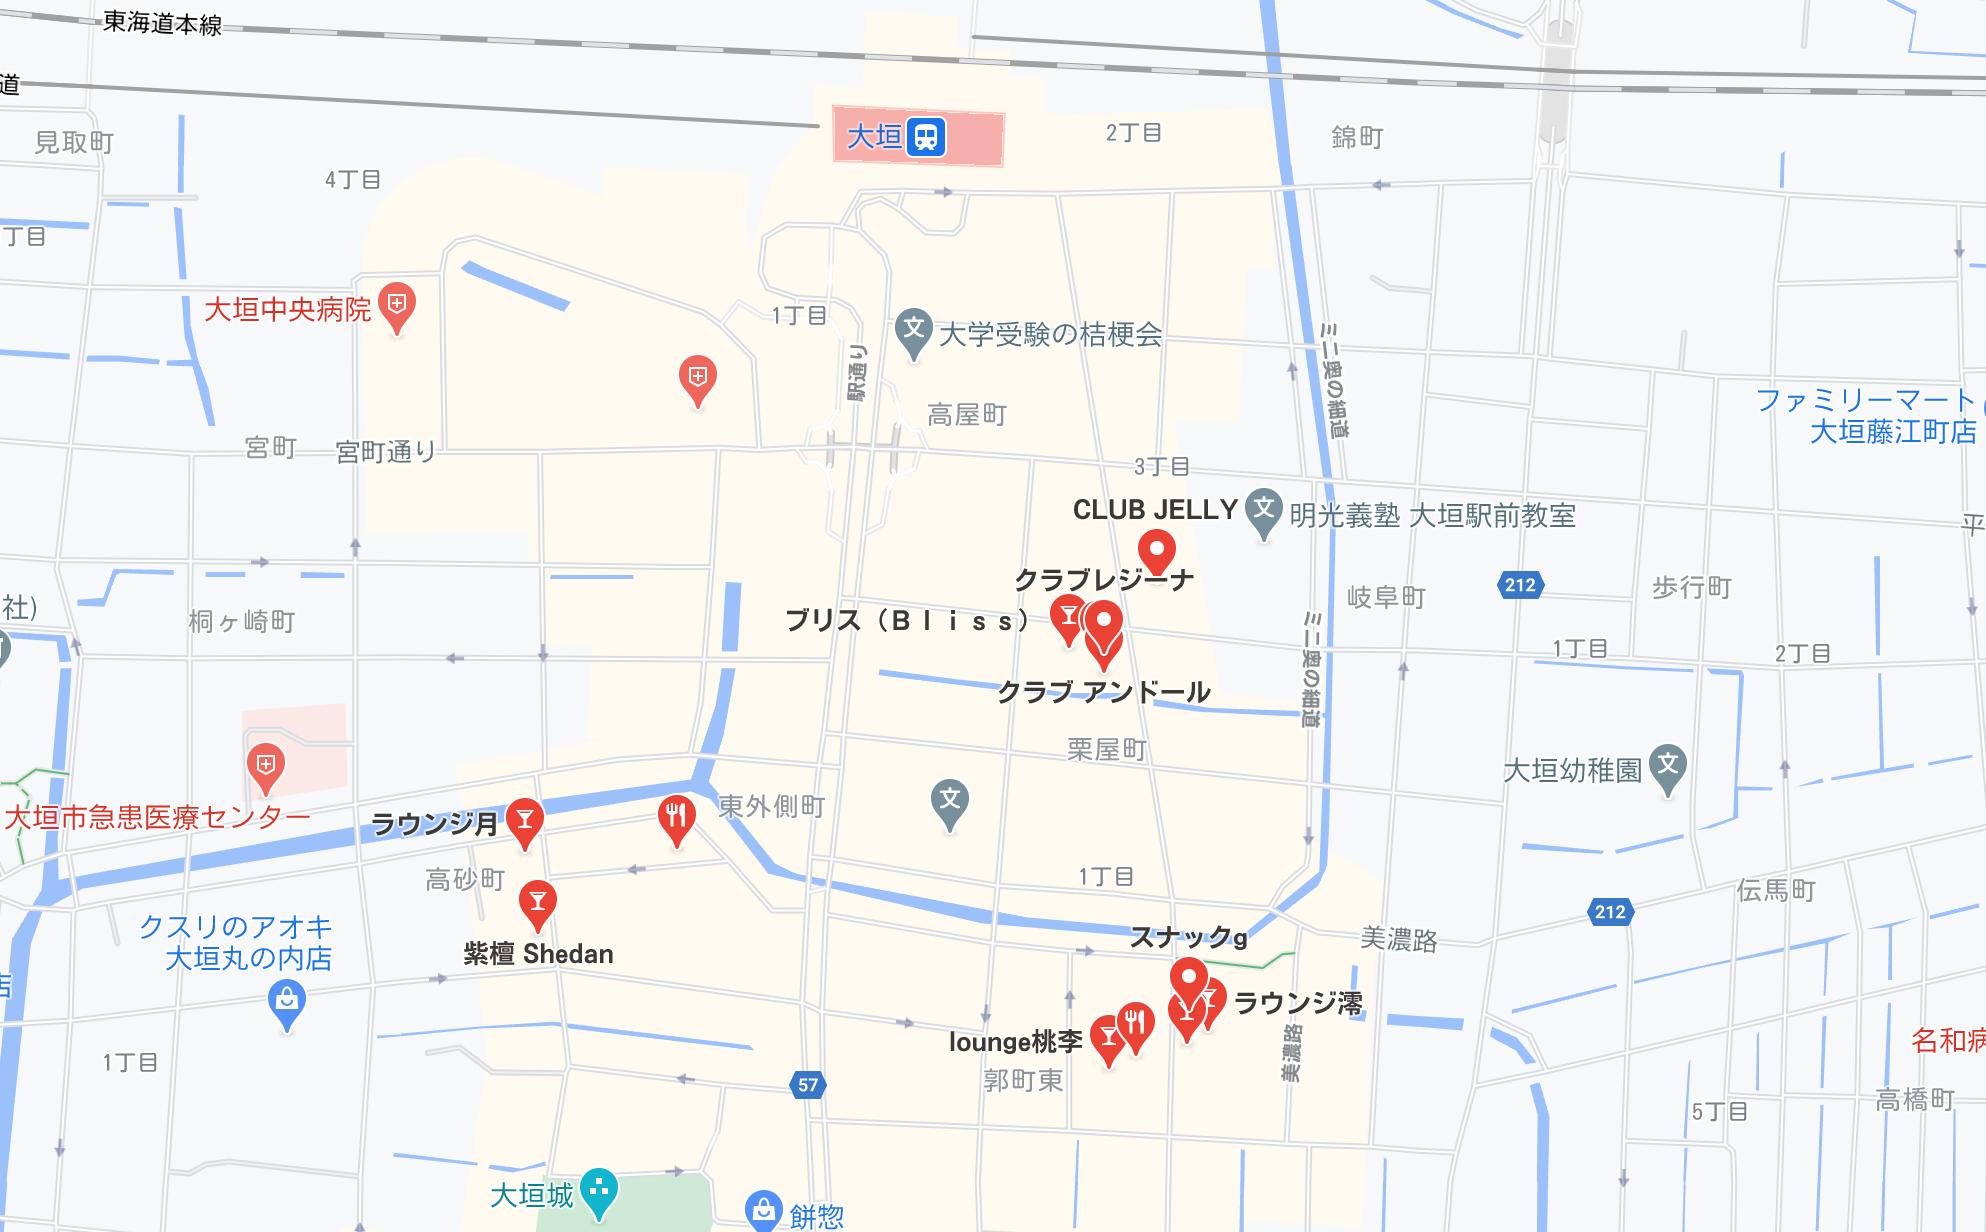 大垣市 キャバクラ